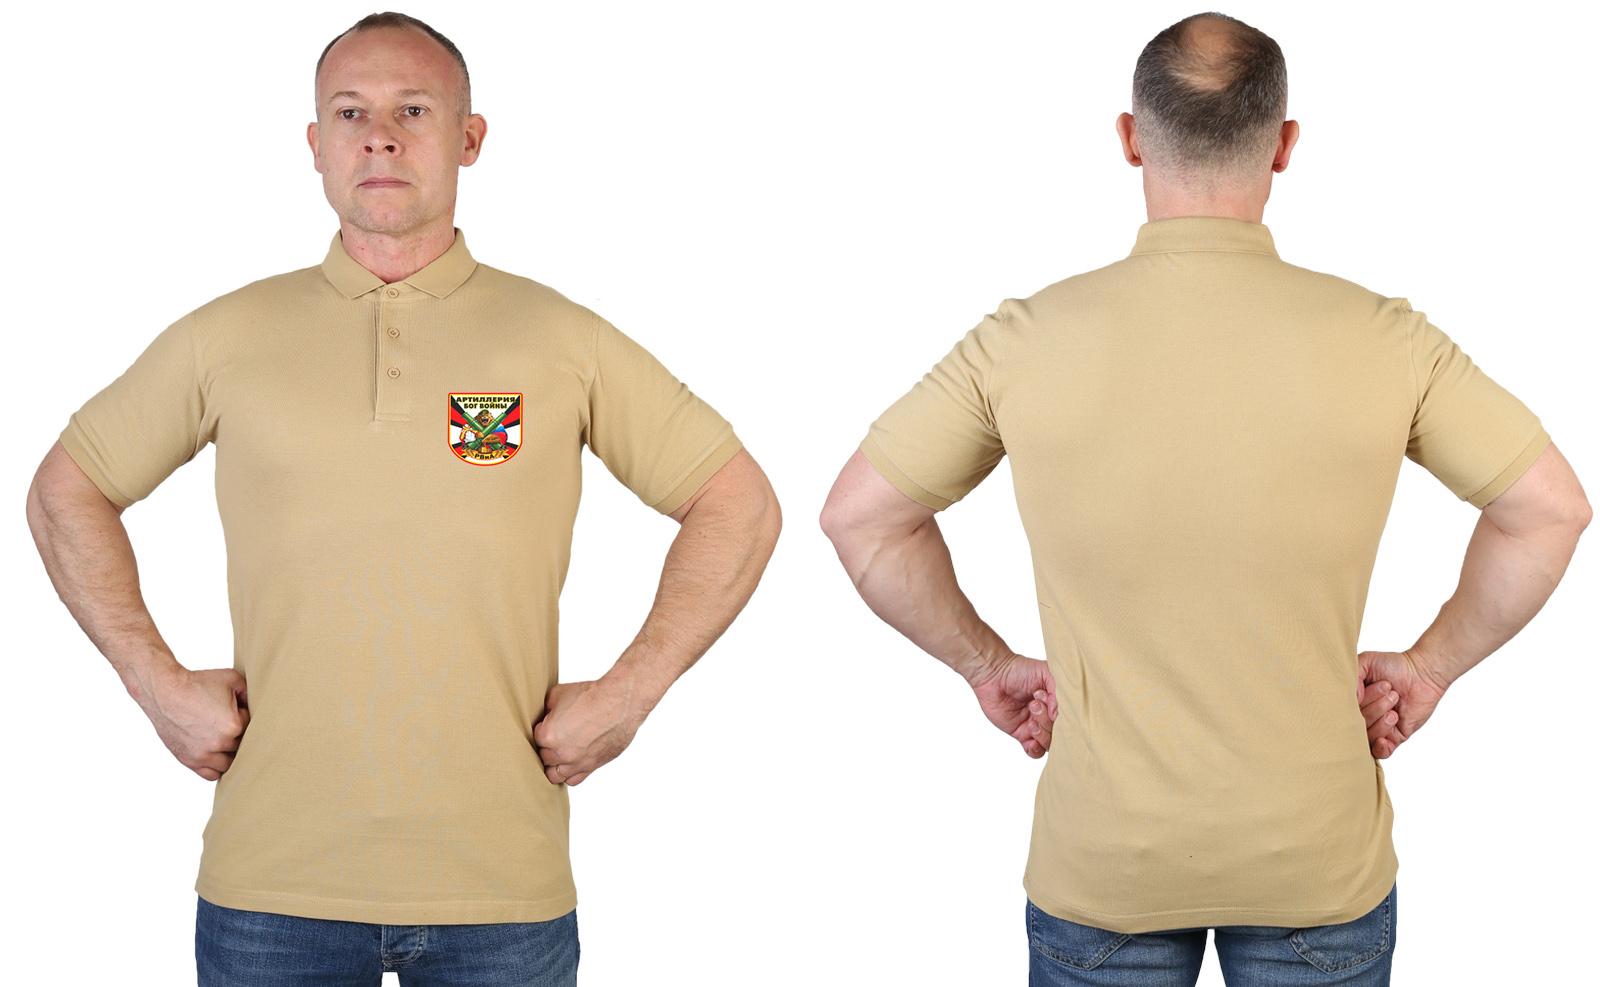 Купить надежную мужскую футболку-поло с термонаклейкой РВиА с доставкой